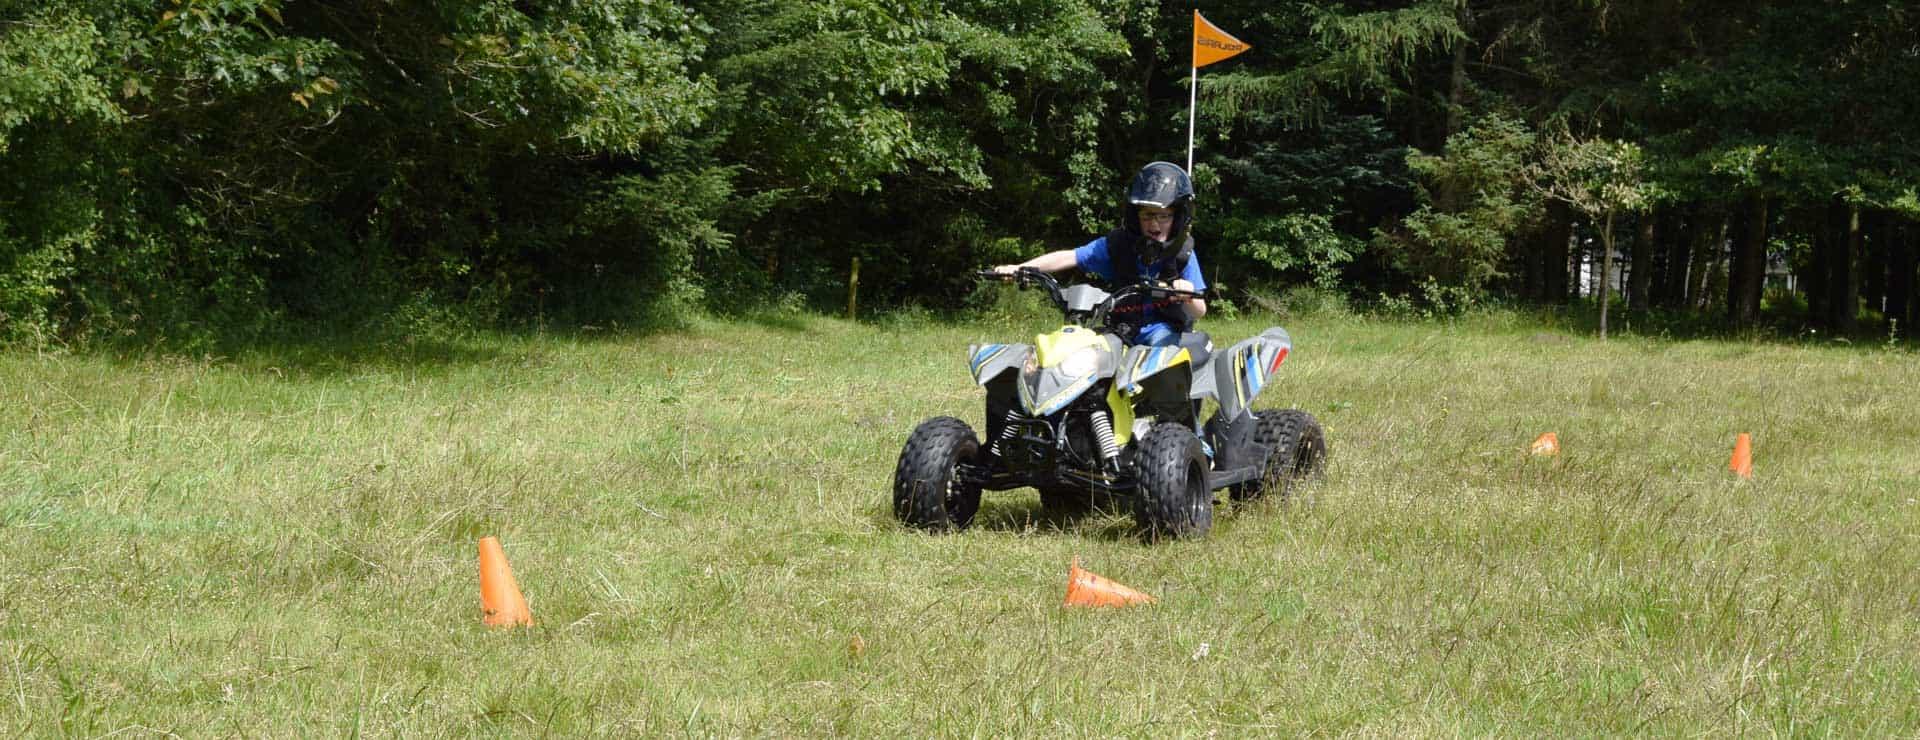 Øvelser for børn på ATV- Lær dit bare at køre sikkert på ATV. Brug hjelm og vest.